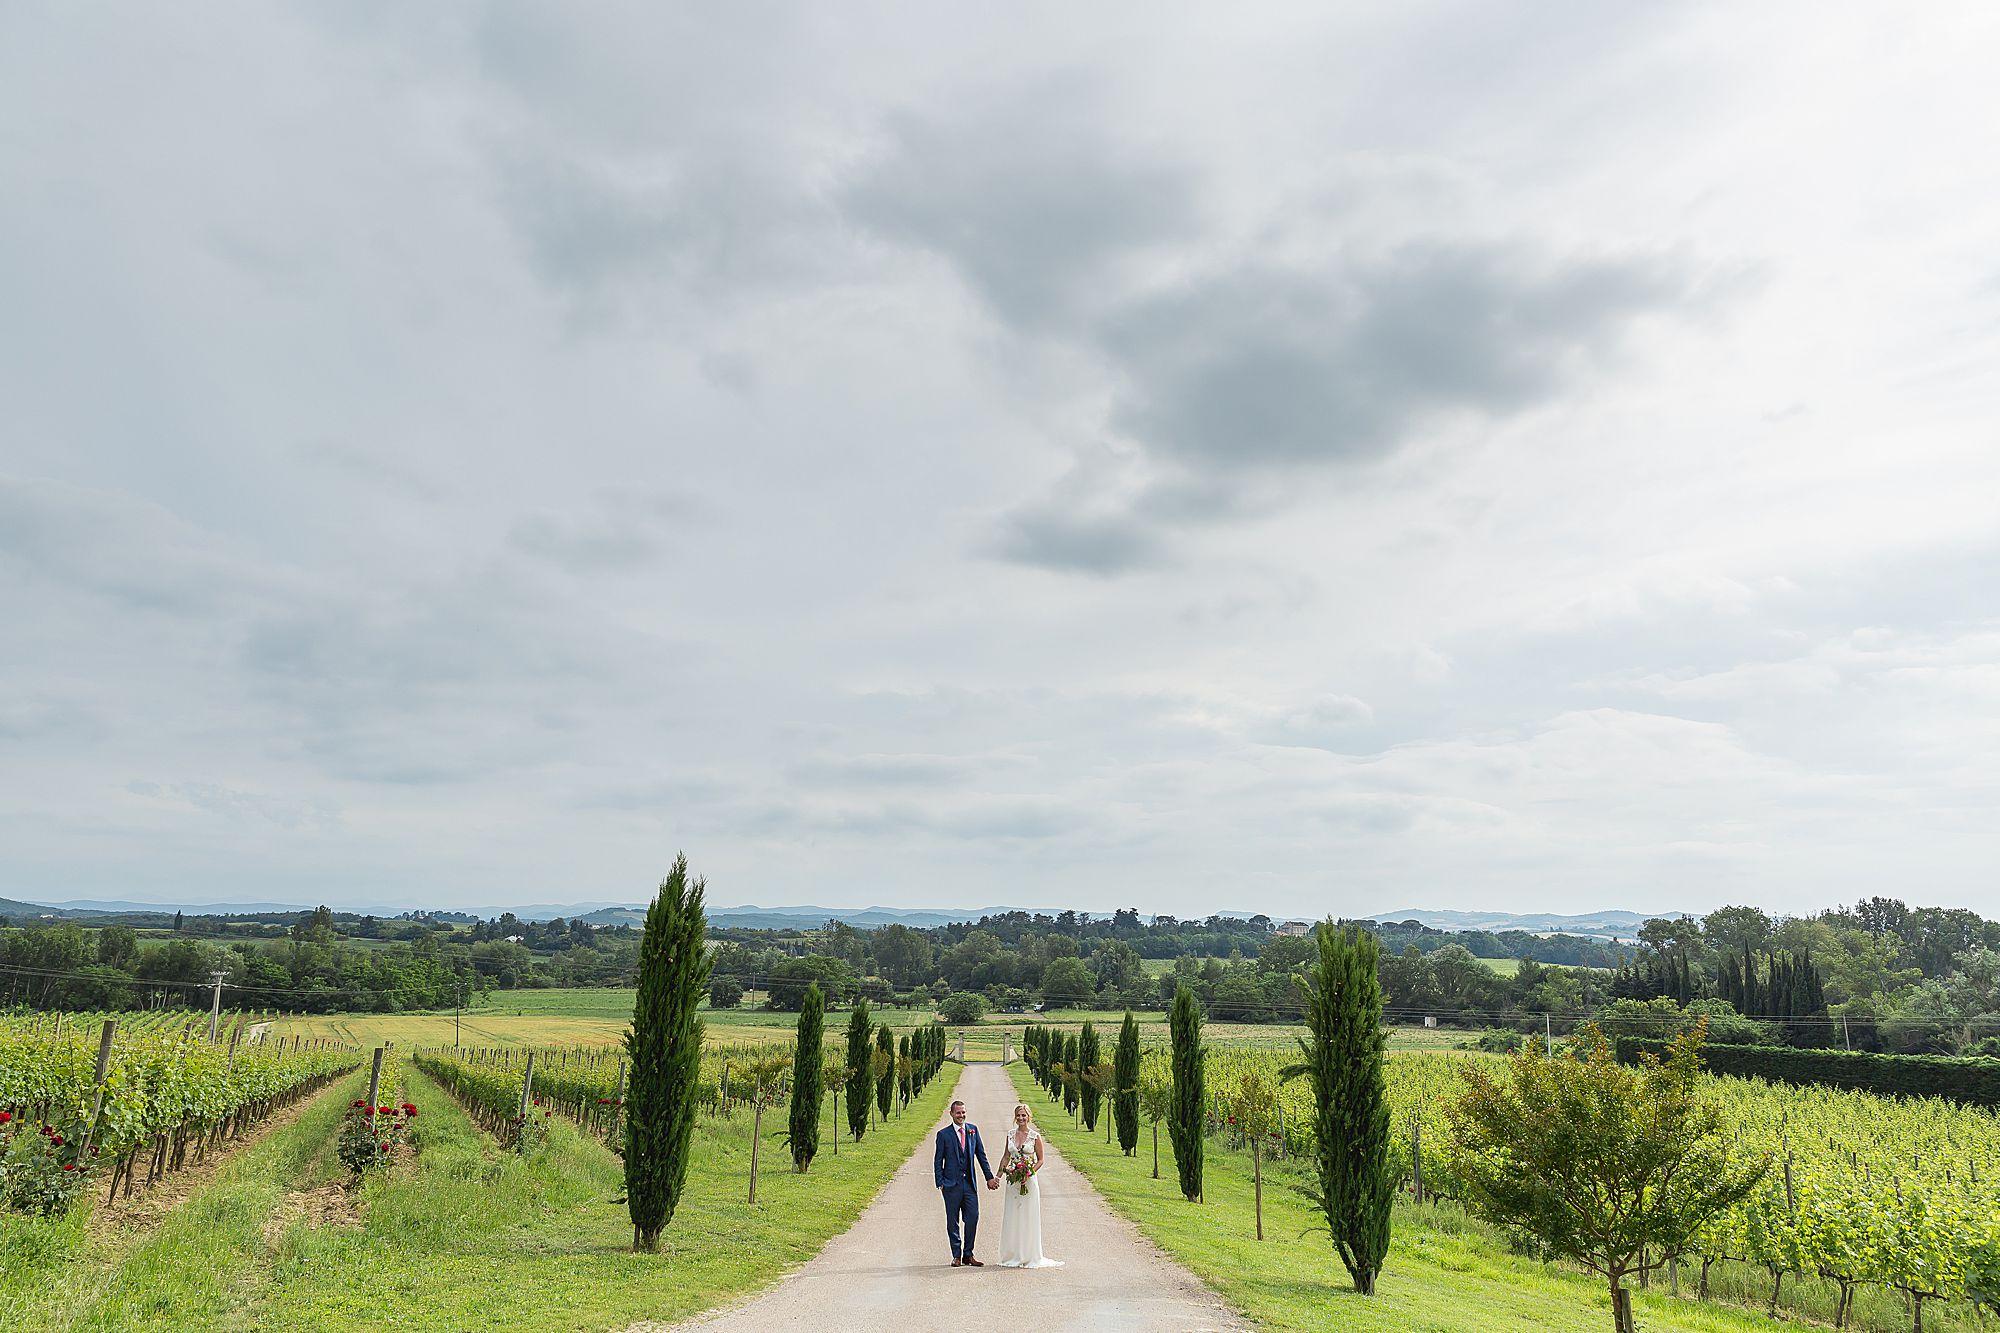 Domaine Gayda weddings